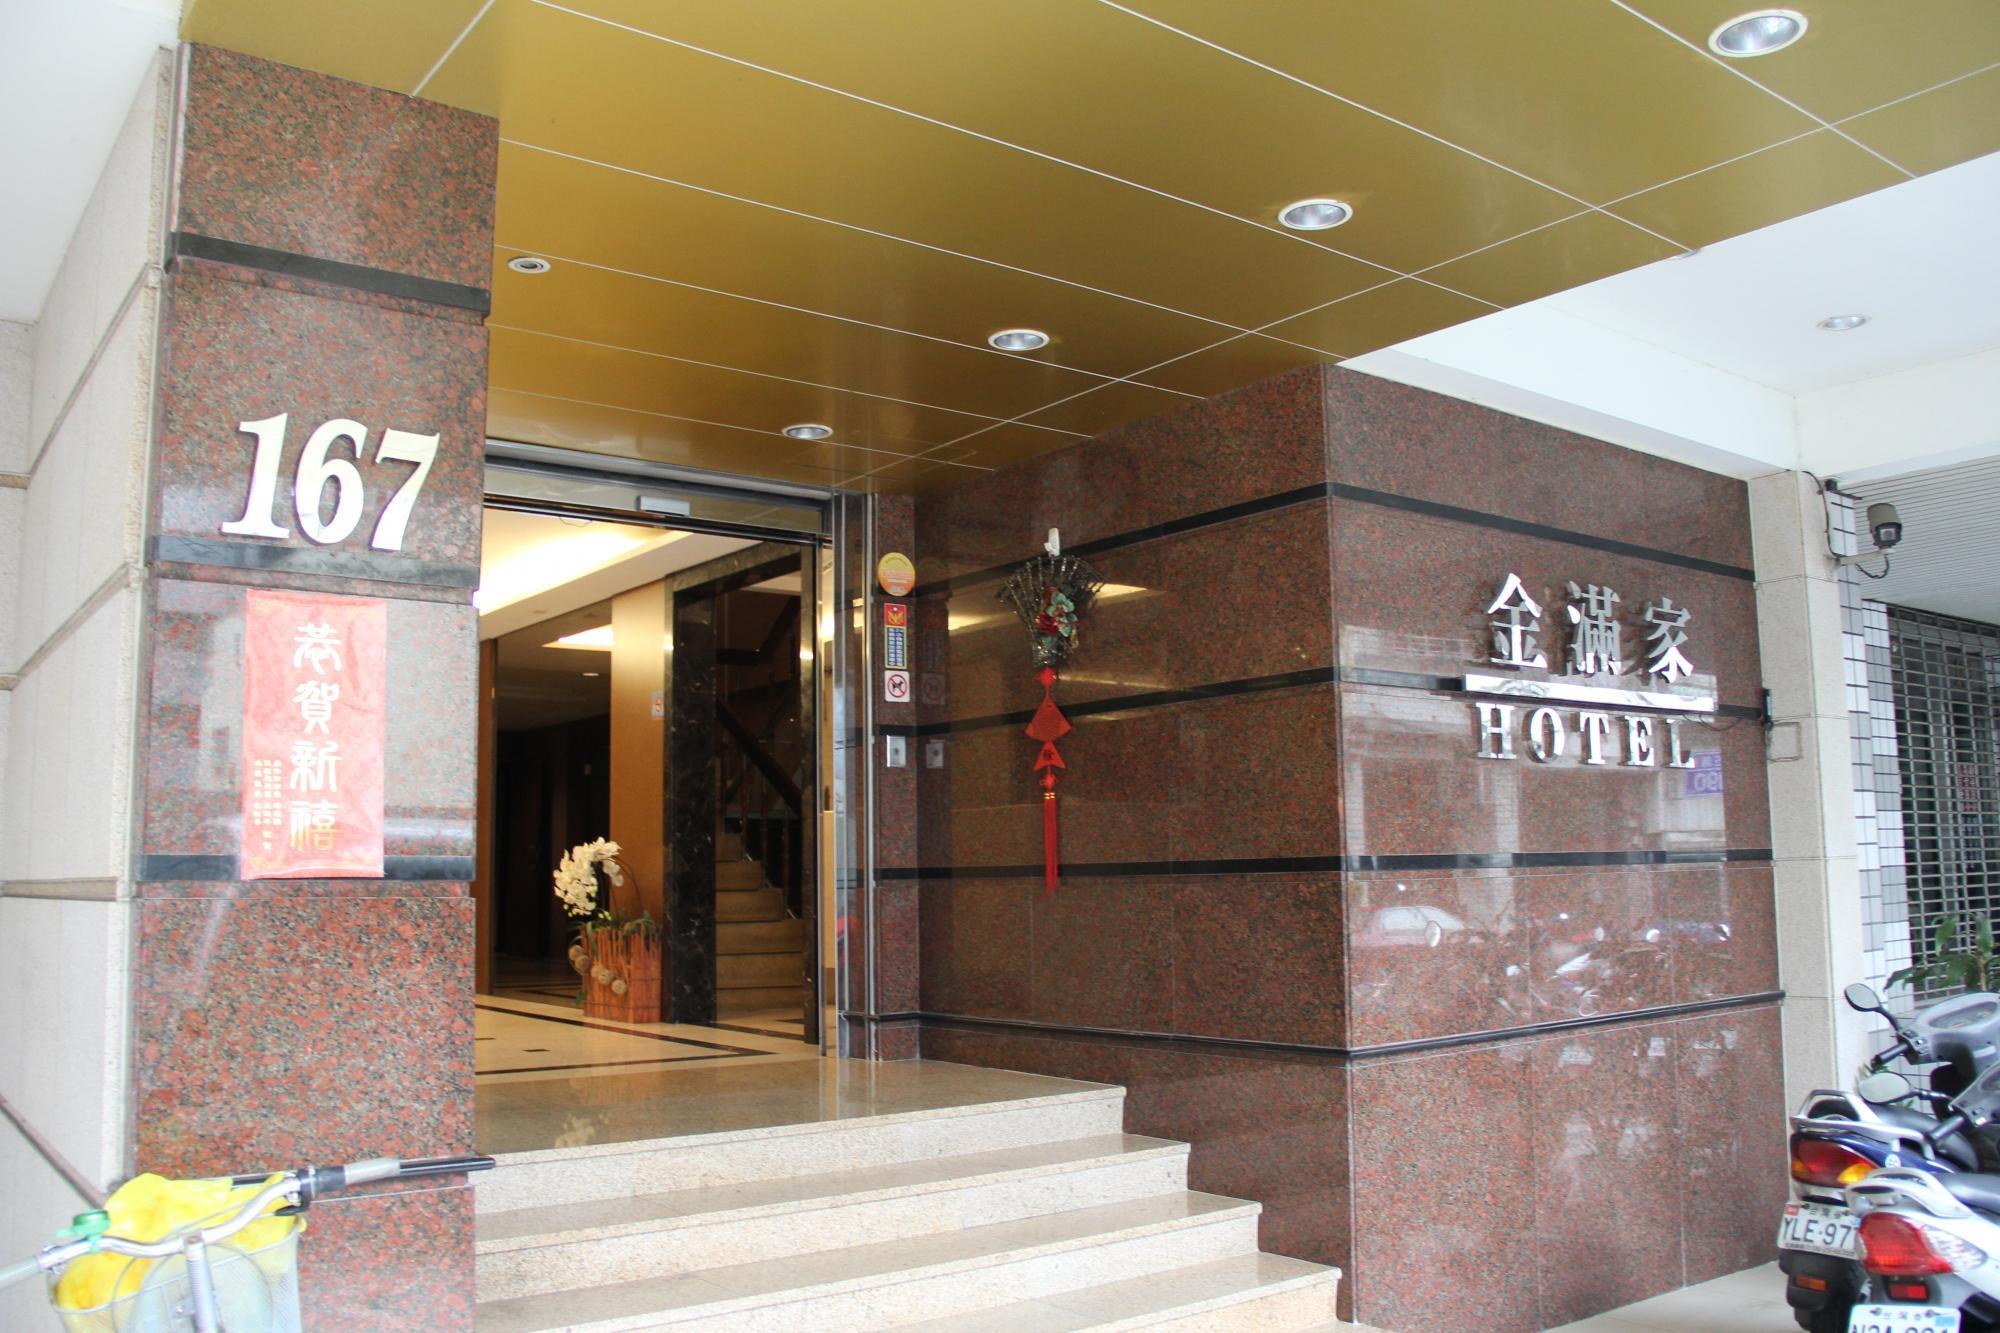 Jin Man Jia Hotel